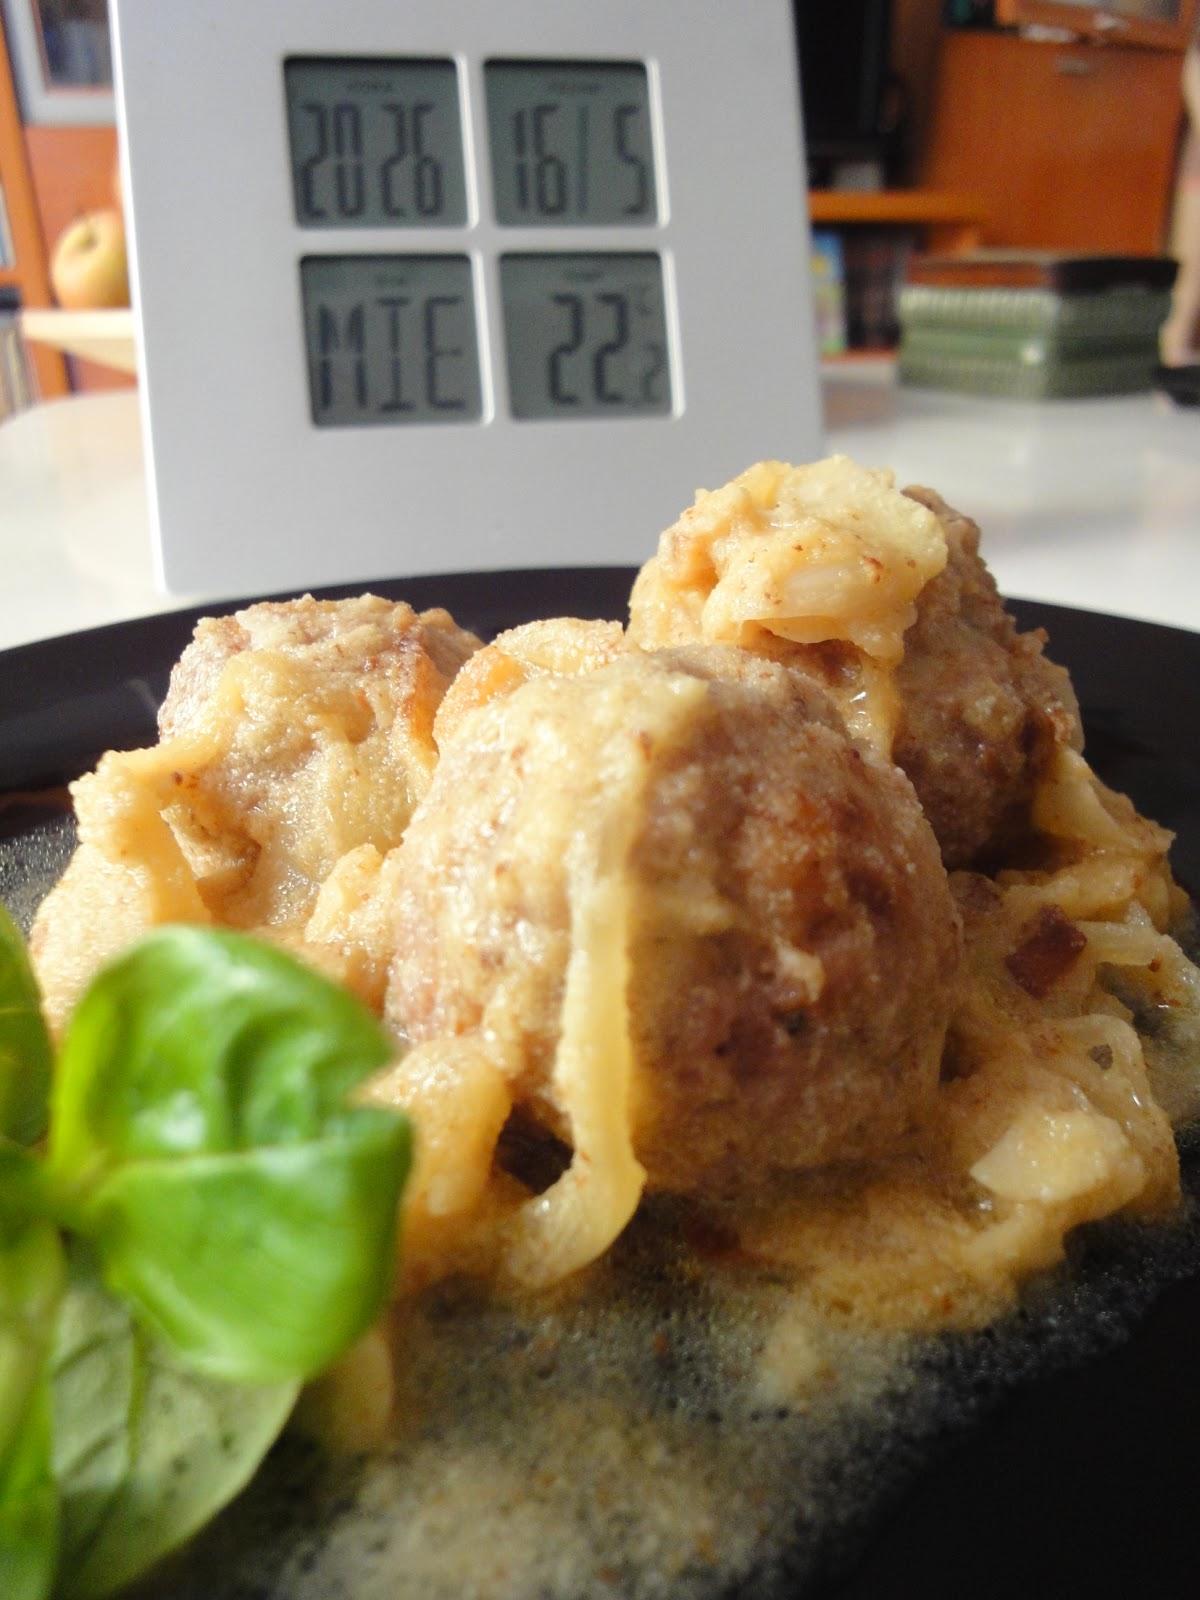 Clases de cocina zaragoza alb ndigas con salsa de almendras - Cursos de cocina zaragoza ...